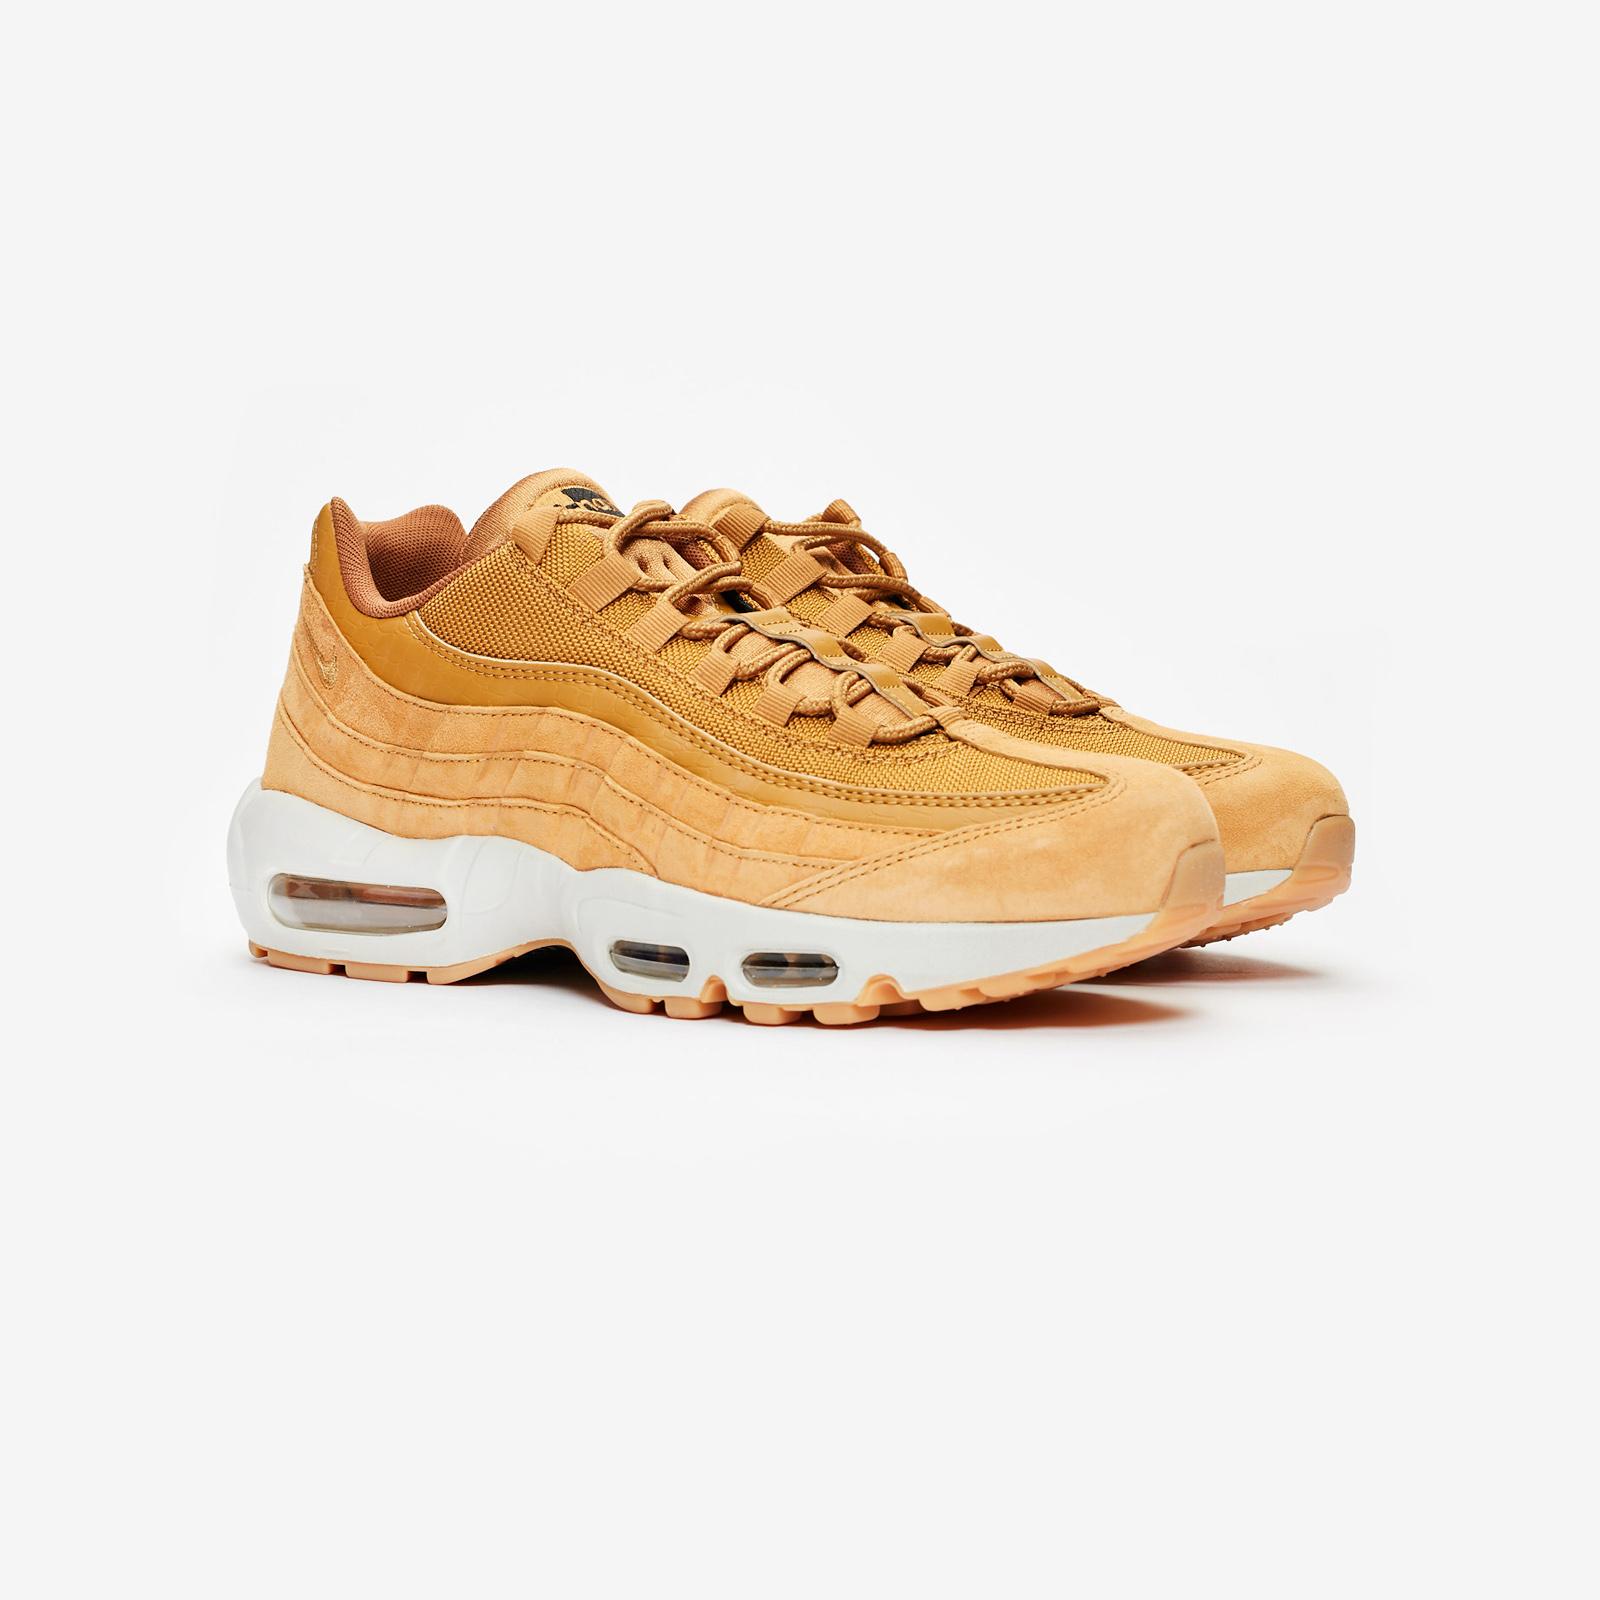 Aj2018 700 Nike Air Max SneakersnstuffSneakers 95 Se 3RjSLcA54q